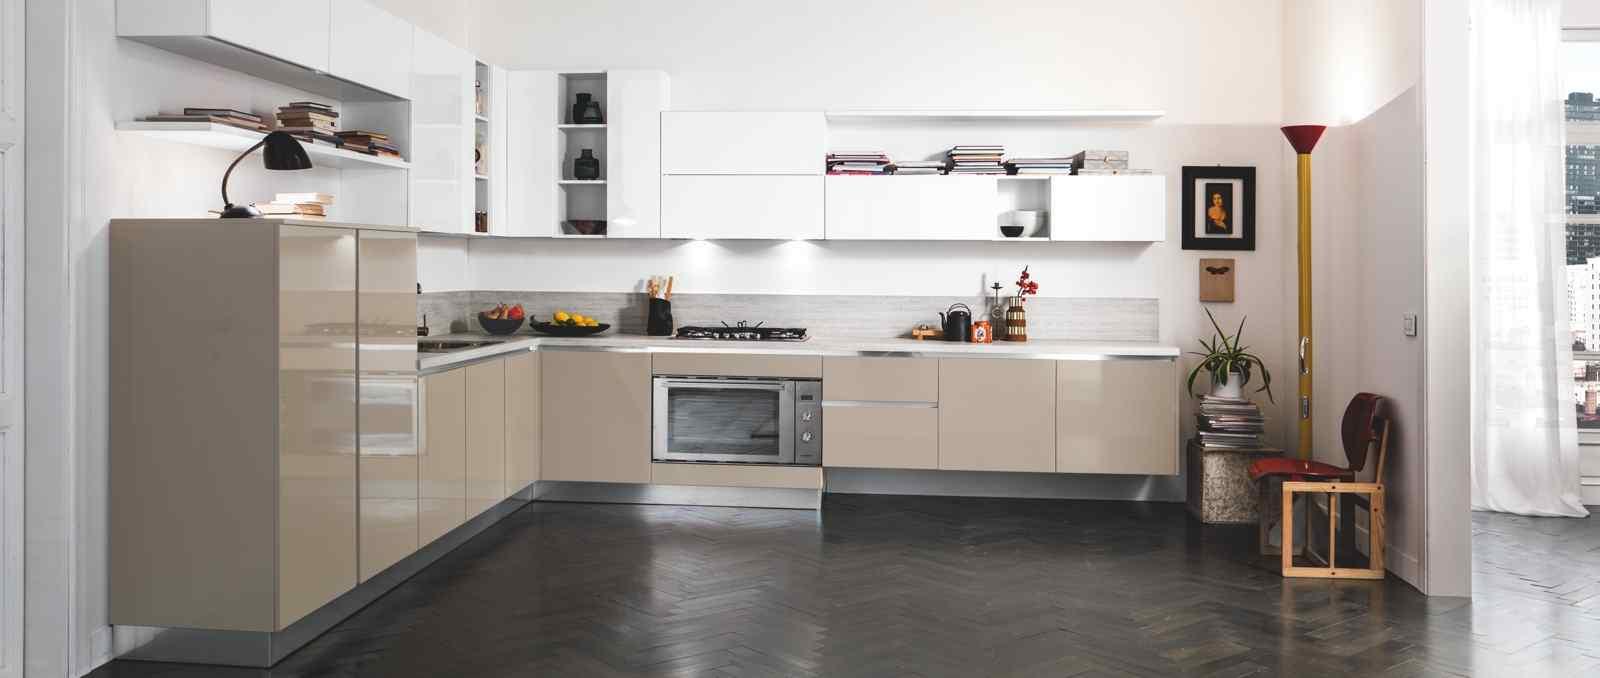 De style moderne à la française cette cuisine incarne l'élégance et l'ergonomie.